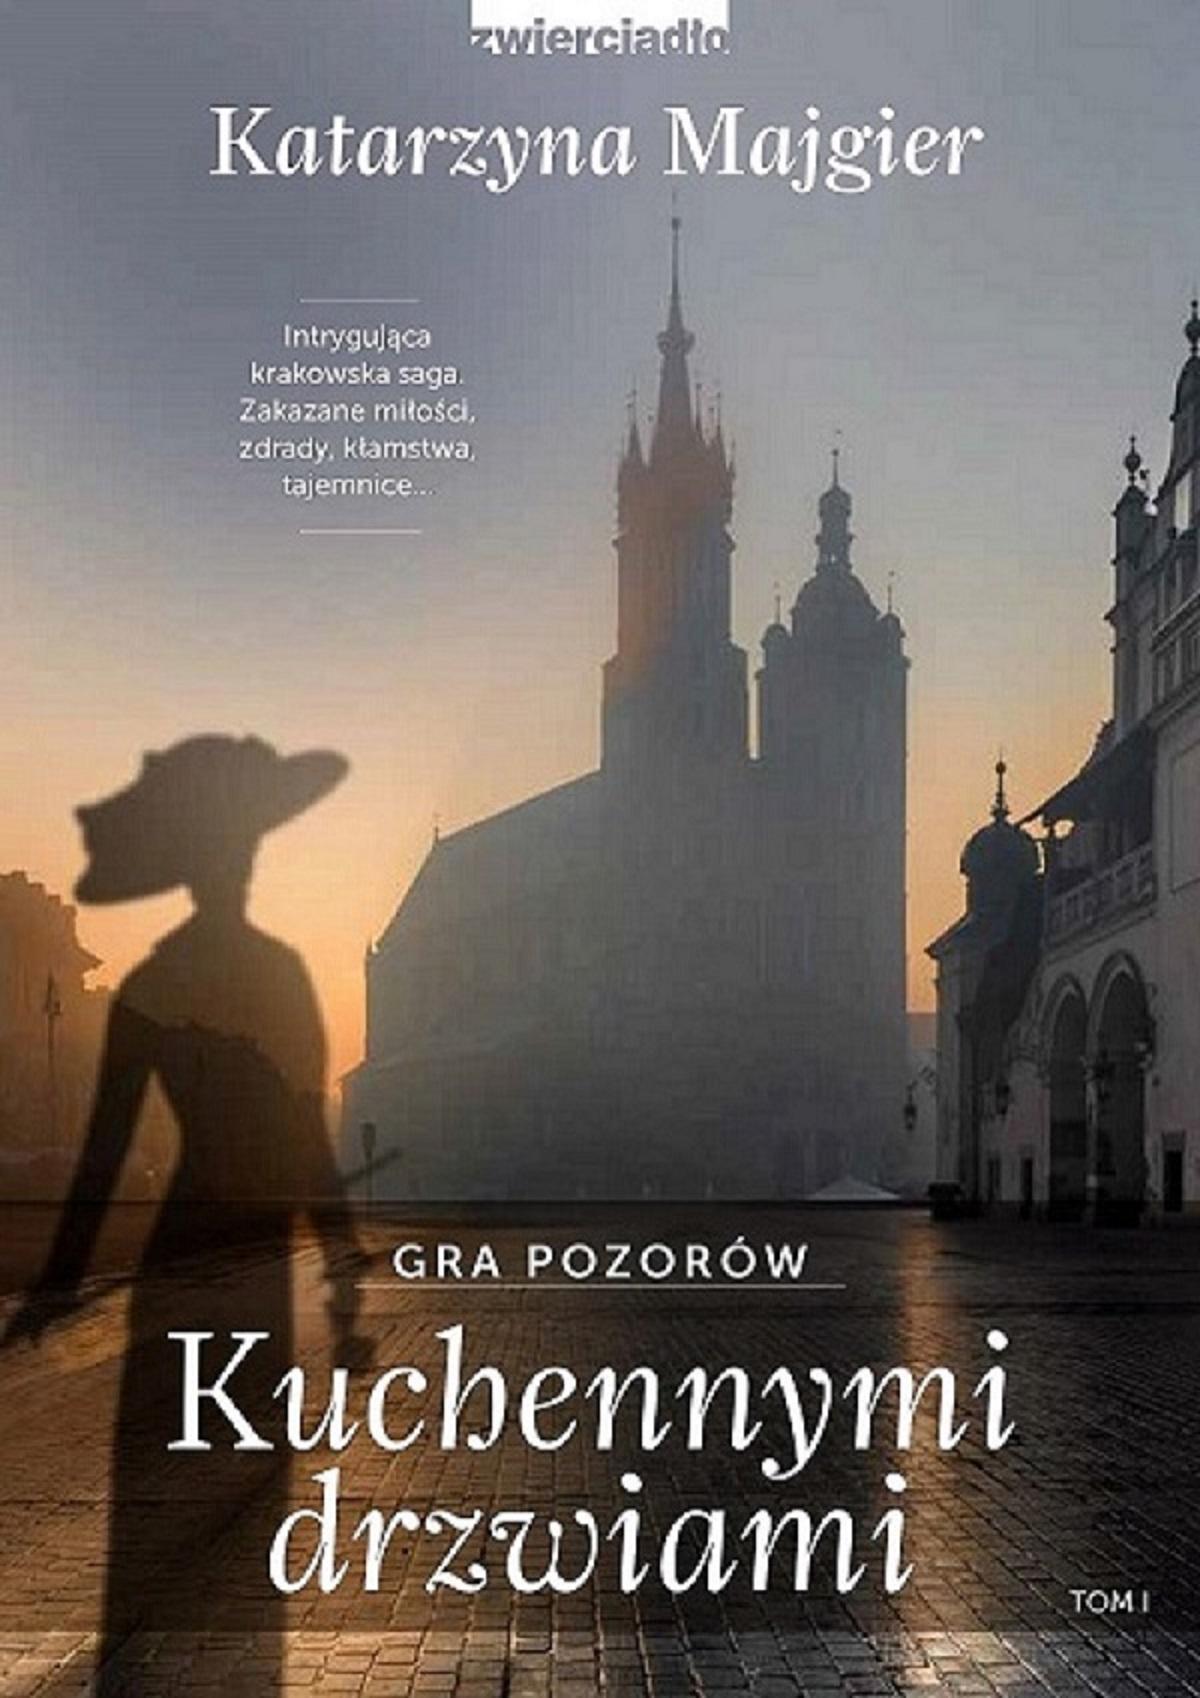 Kuchennymi drzwiami. Gra pozorów - Ebook (Książka EPUB) do pobrania w formacie EPUB